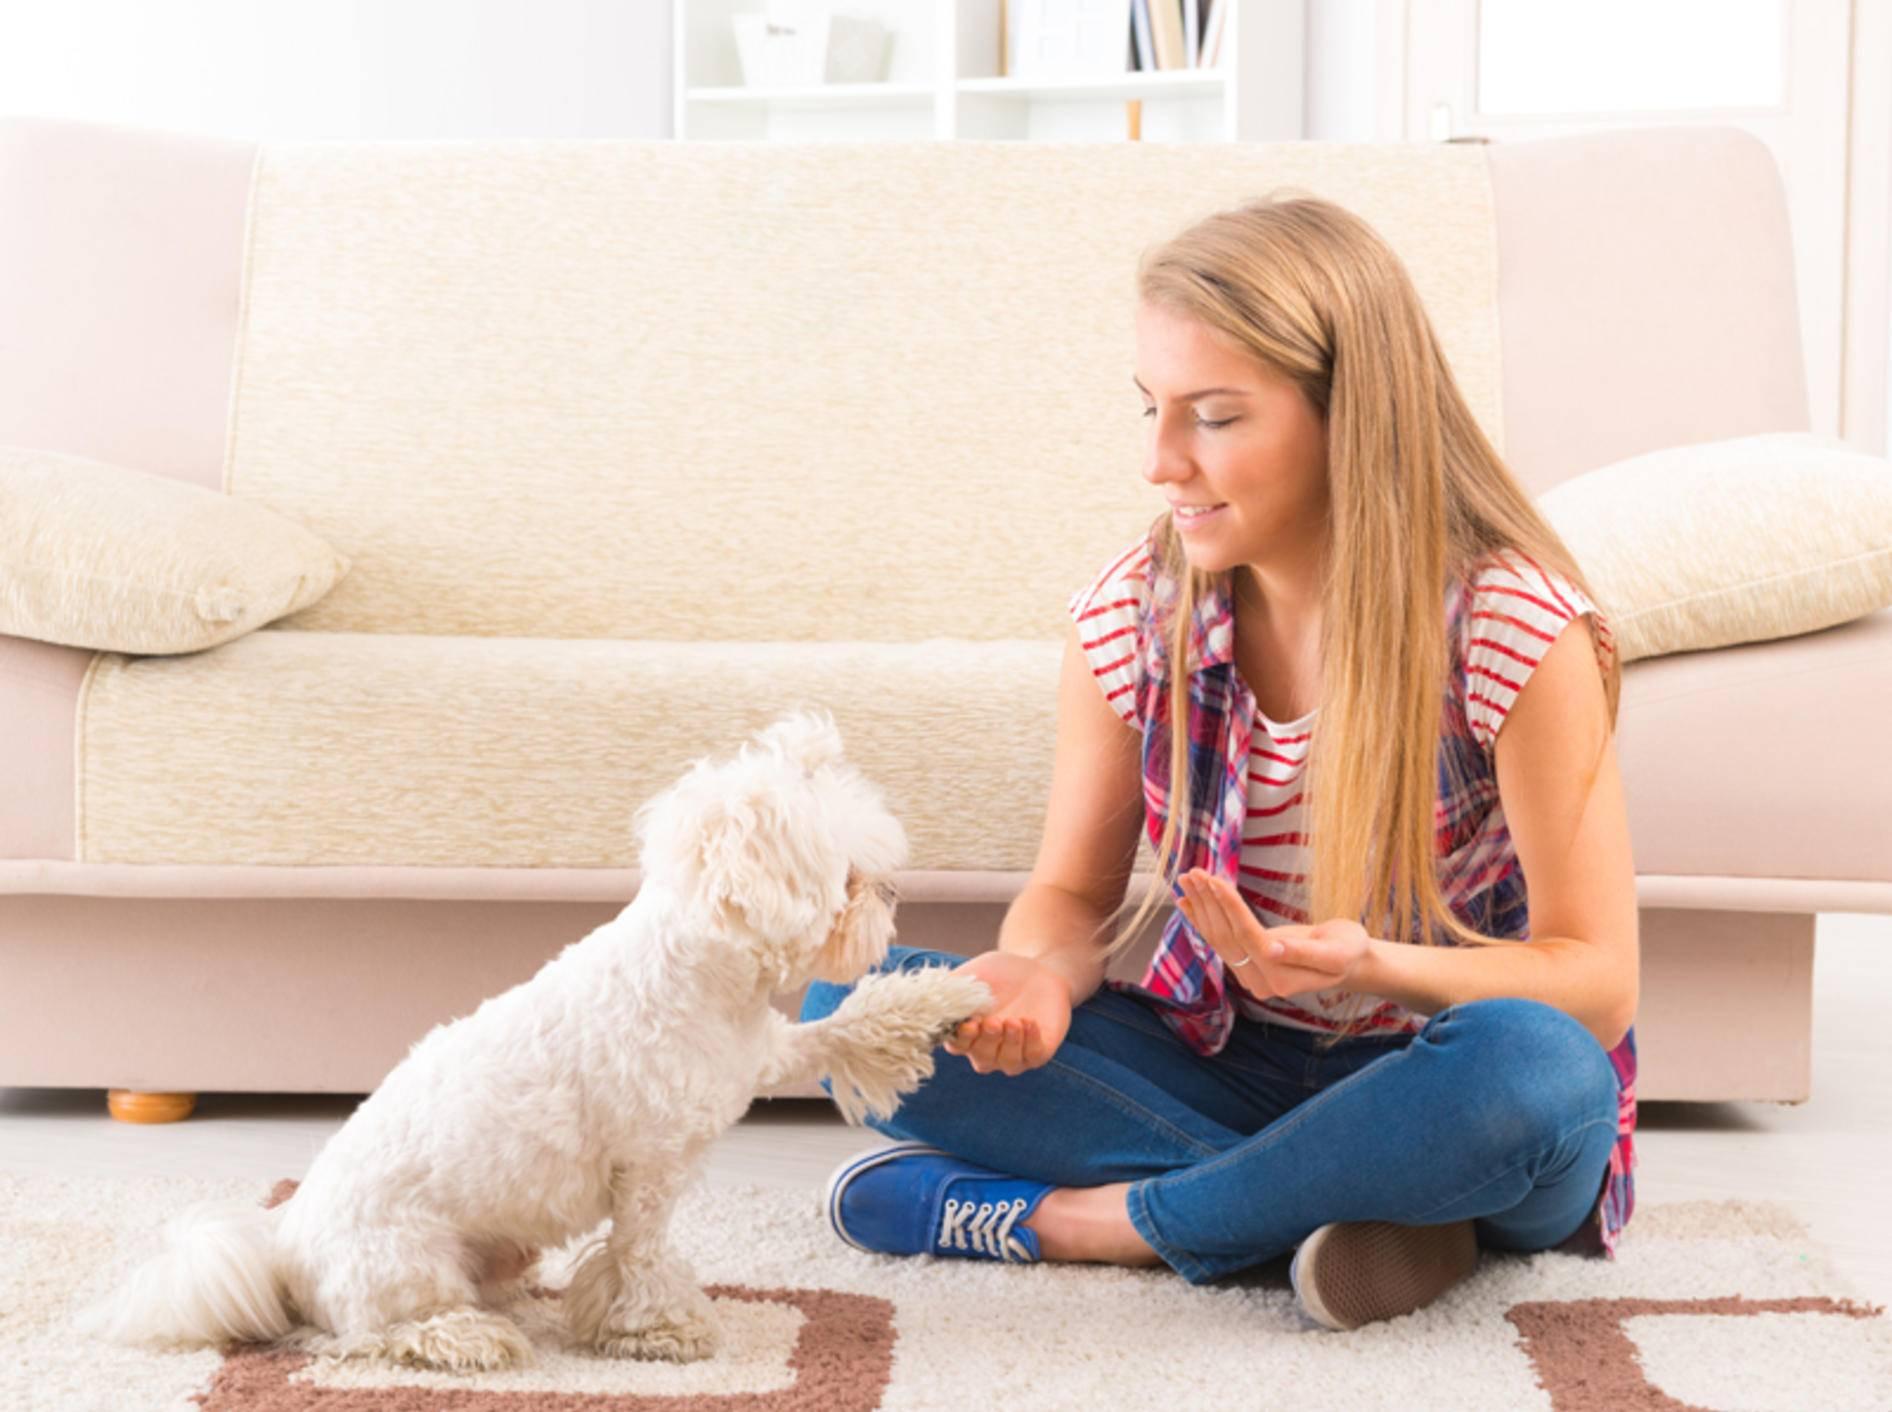 Das tägliche Hundetraining sollte Ihnen und Ihrem Hund Spaß machen – Shutterstock /Monika Wisniewska